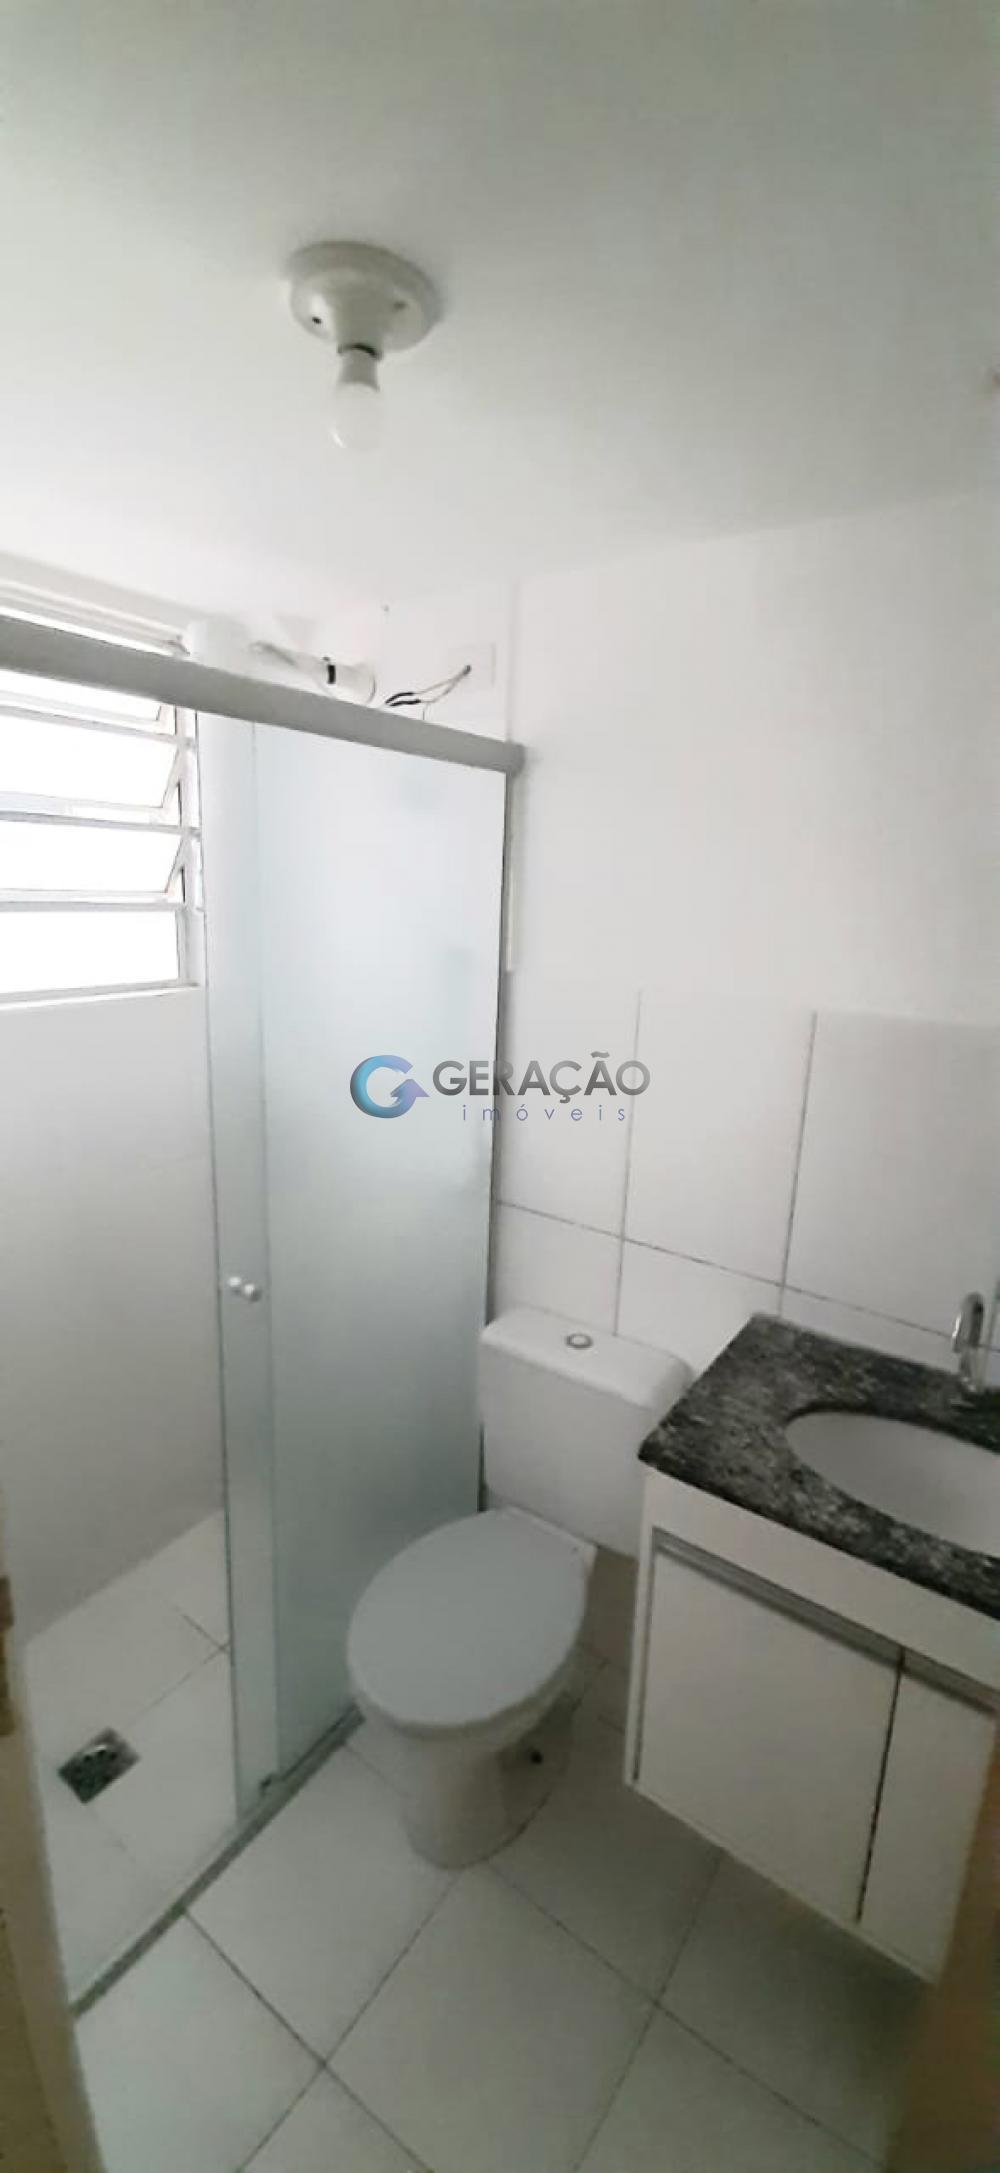 Comprar Apartamento / Padrão em São José dos Campos apenas R$ 270.000,00 - Foto 10